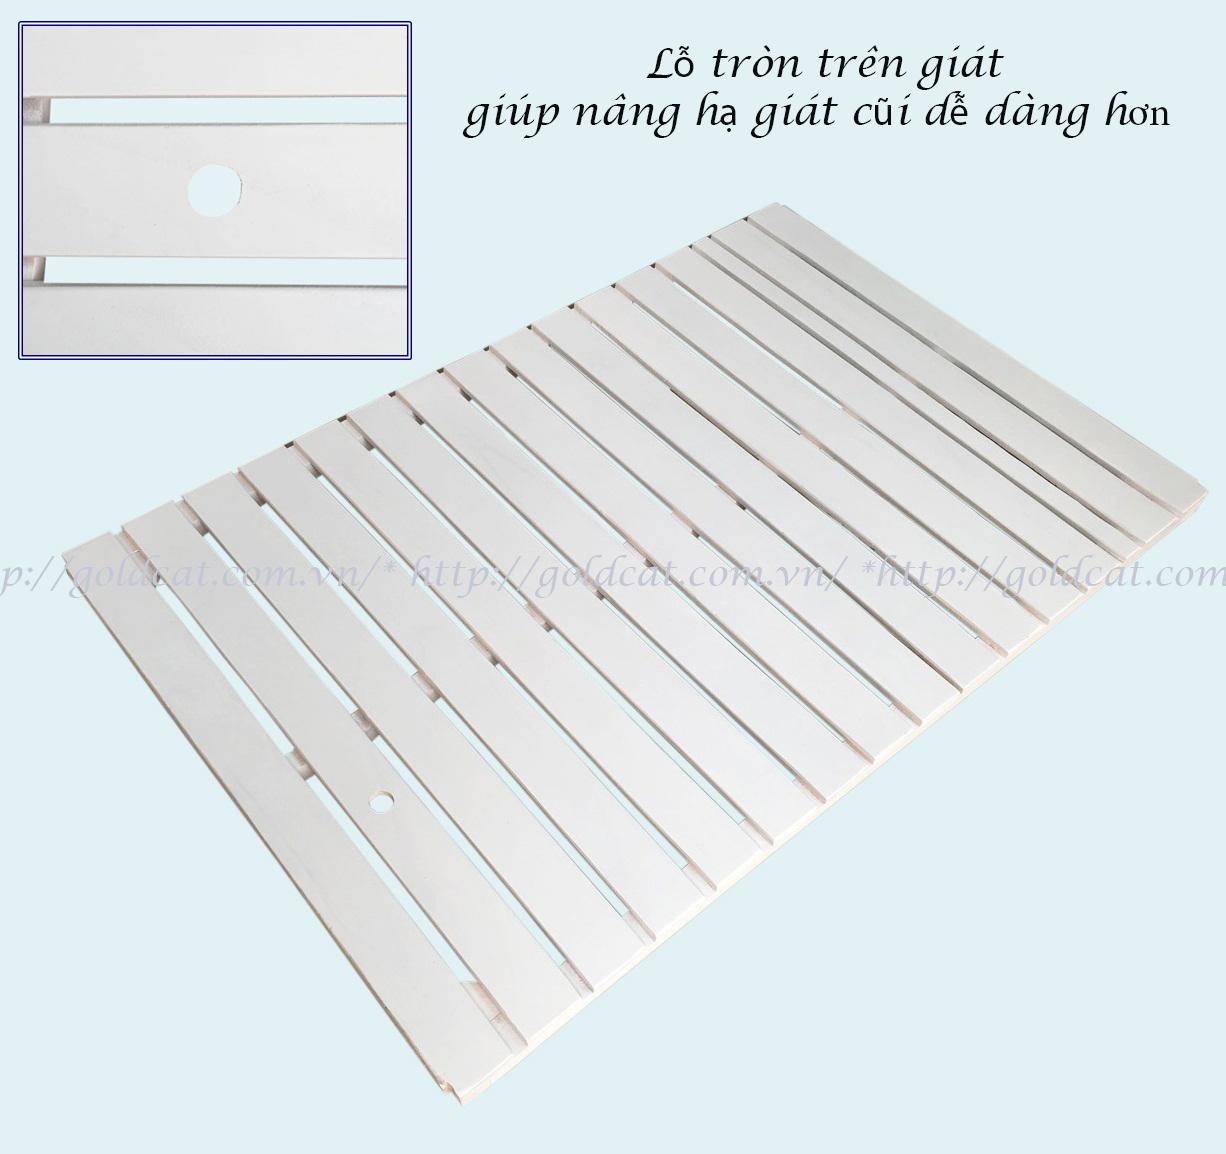 Combo cũi giường Sơn Trắng GoldCat (Zích Zắc Hồng, Không bánh xe)